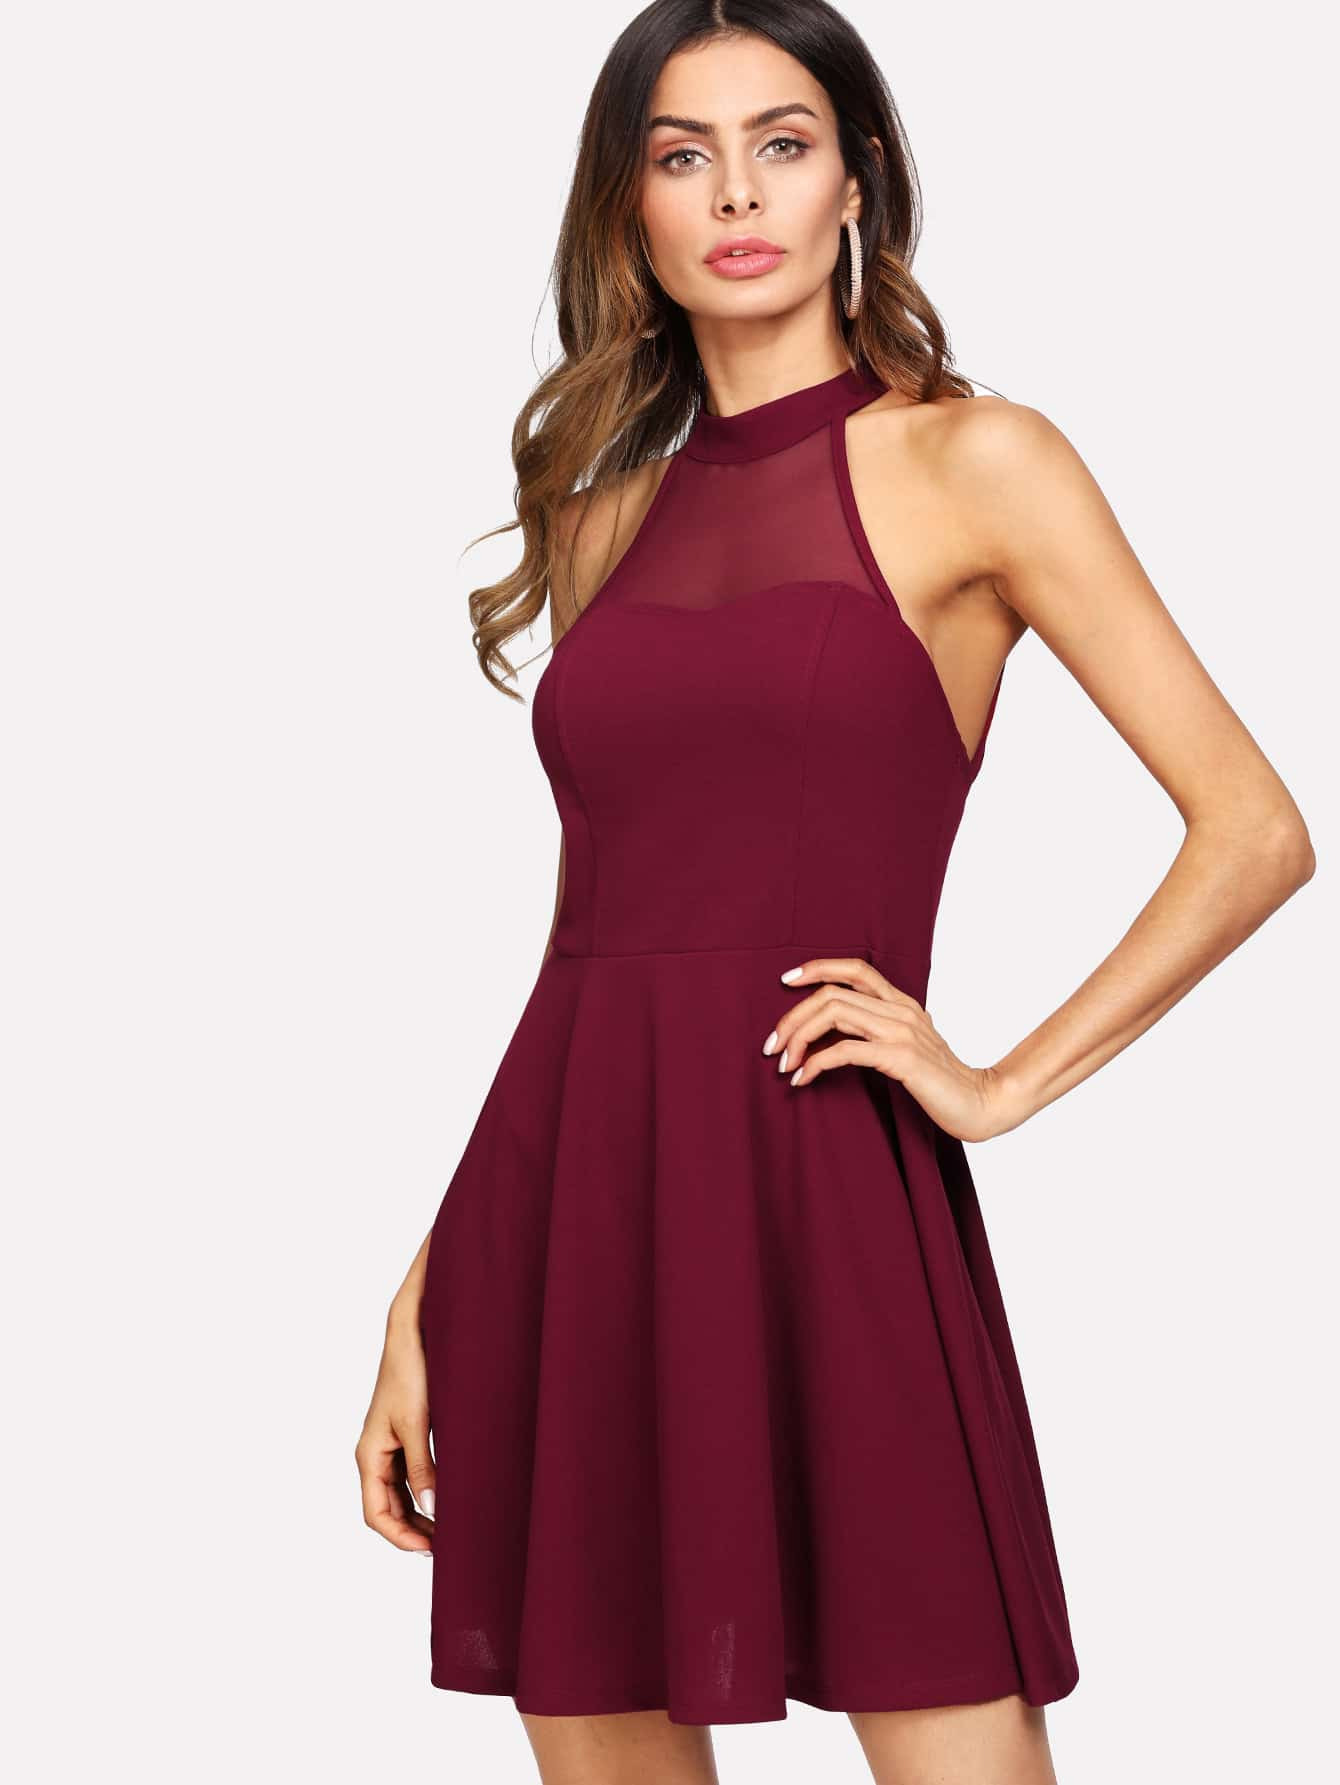 Rückenfreies Kleid Mit Netzstoff  Shein